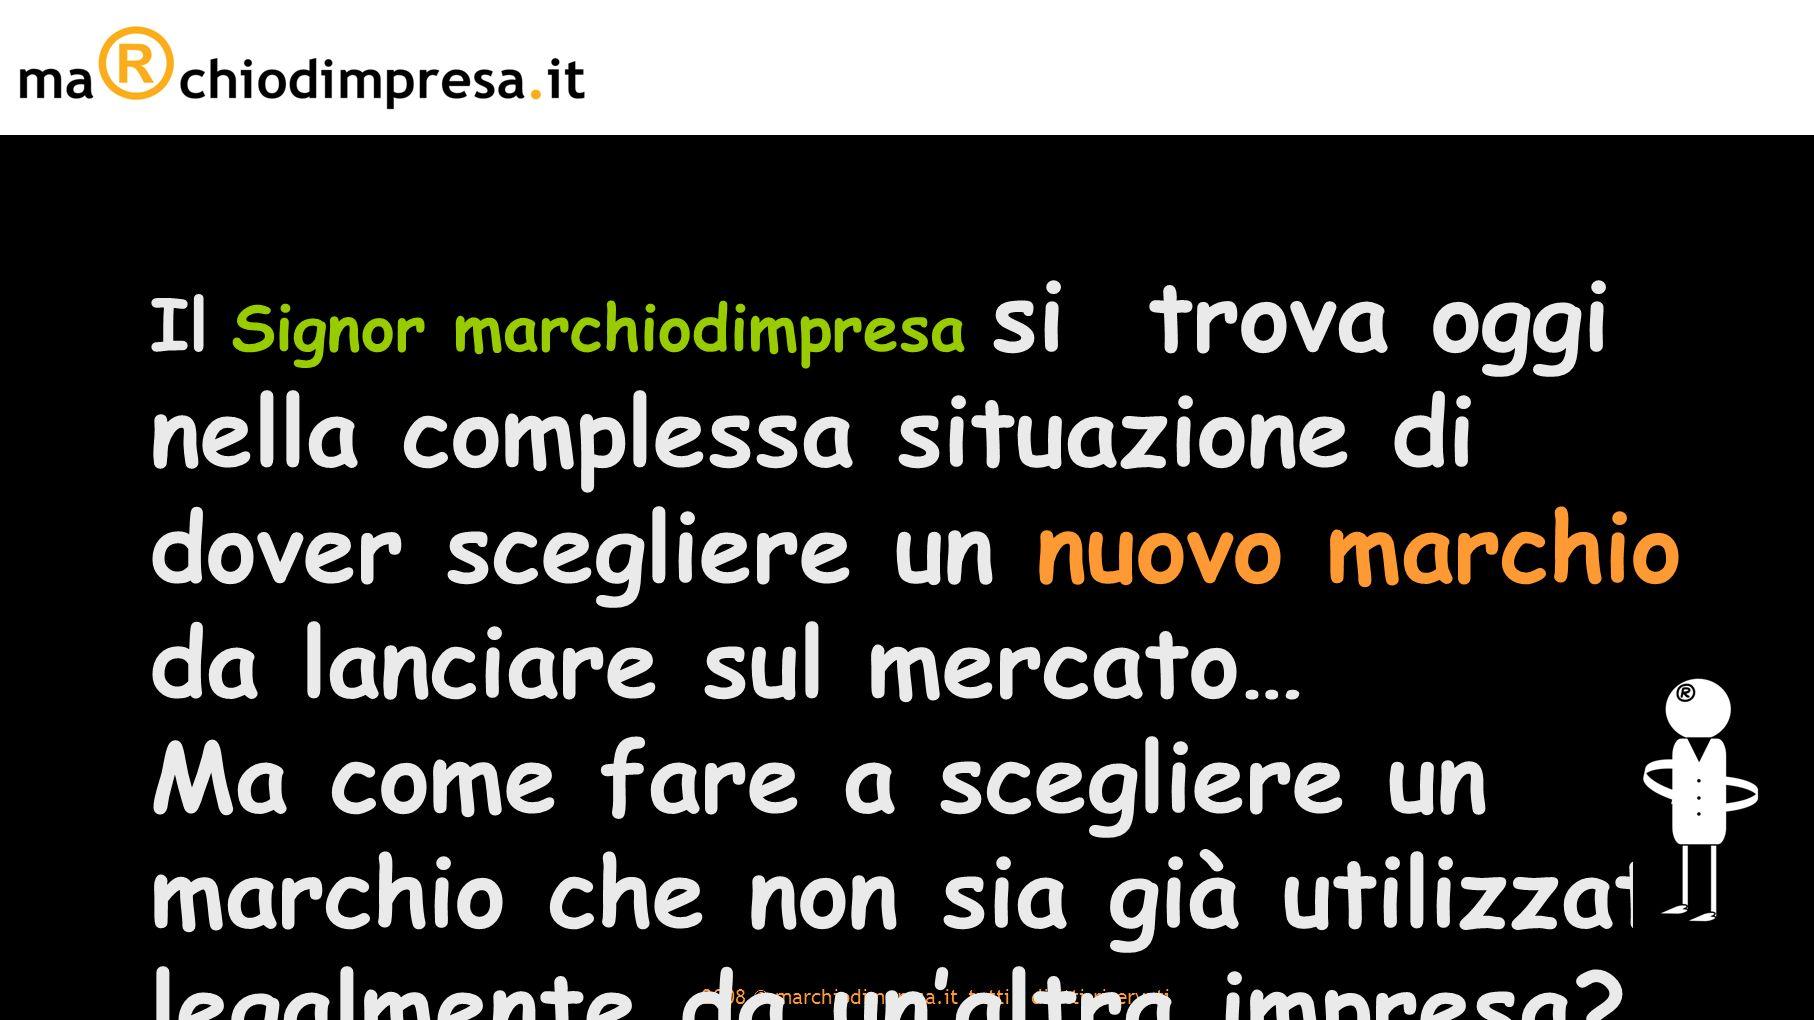 2008 © marchiodimpresa.it tutti i diritti riservati come essere sicuro di....Non violare altrui diritti di marchio.